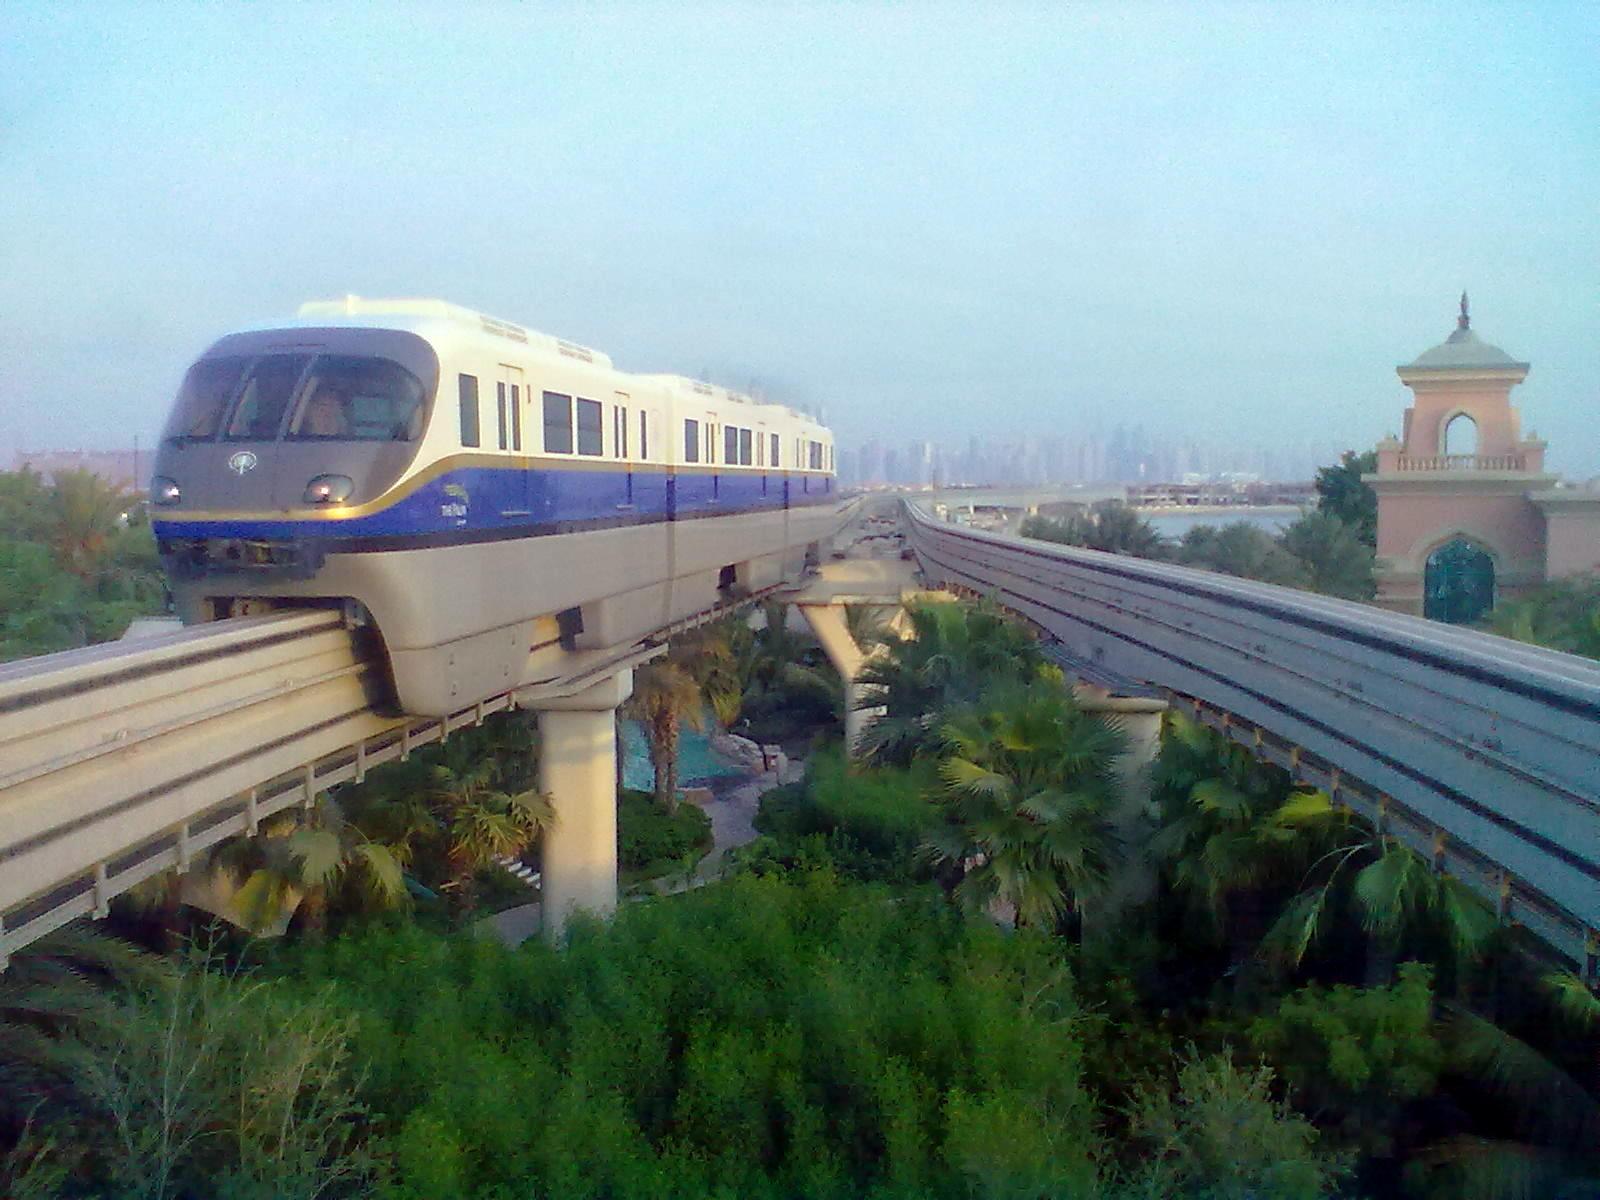 Monorail - Dubaj tömegközlekedése folyamatosan fejlődik, itt volt először metró, villamos, és buszközlekedés az Arab-félszigeten, és most már monorail is működik